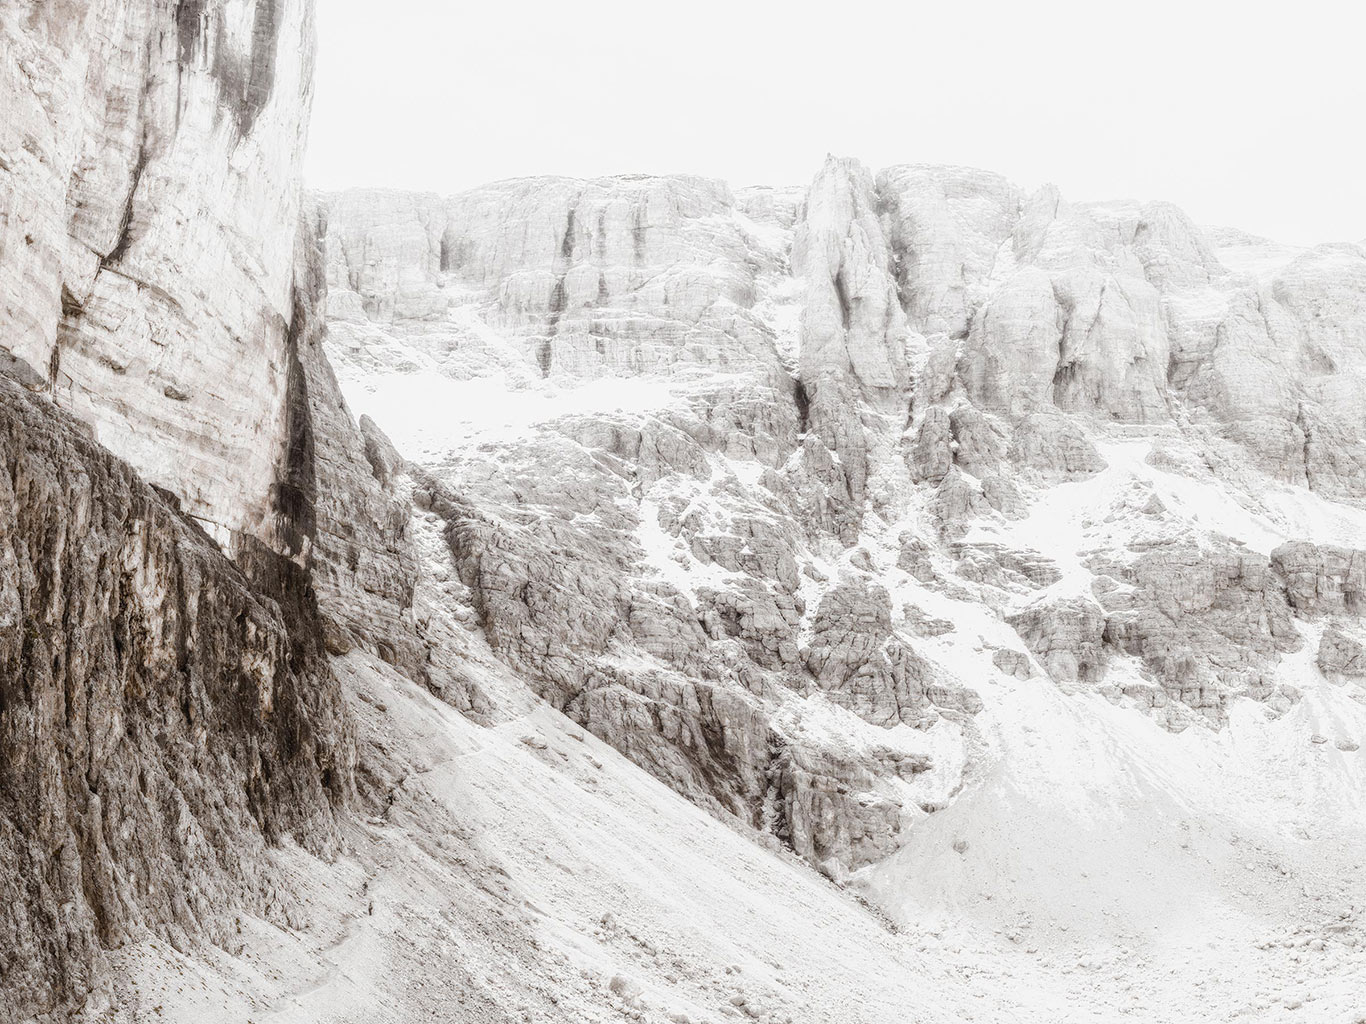 koester_harry_dolomiten_landscape_b0000543